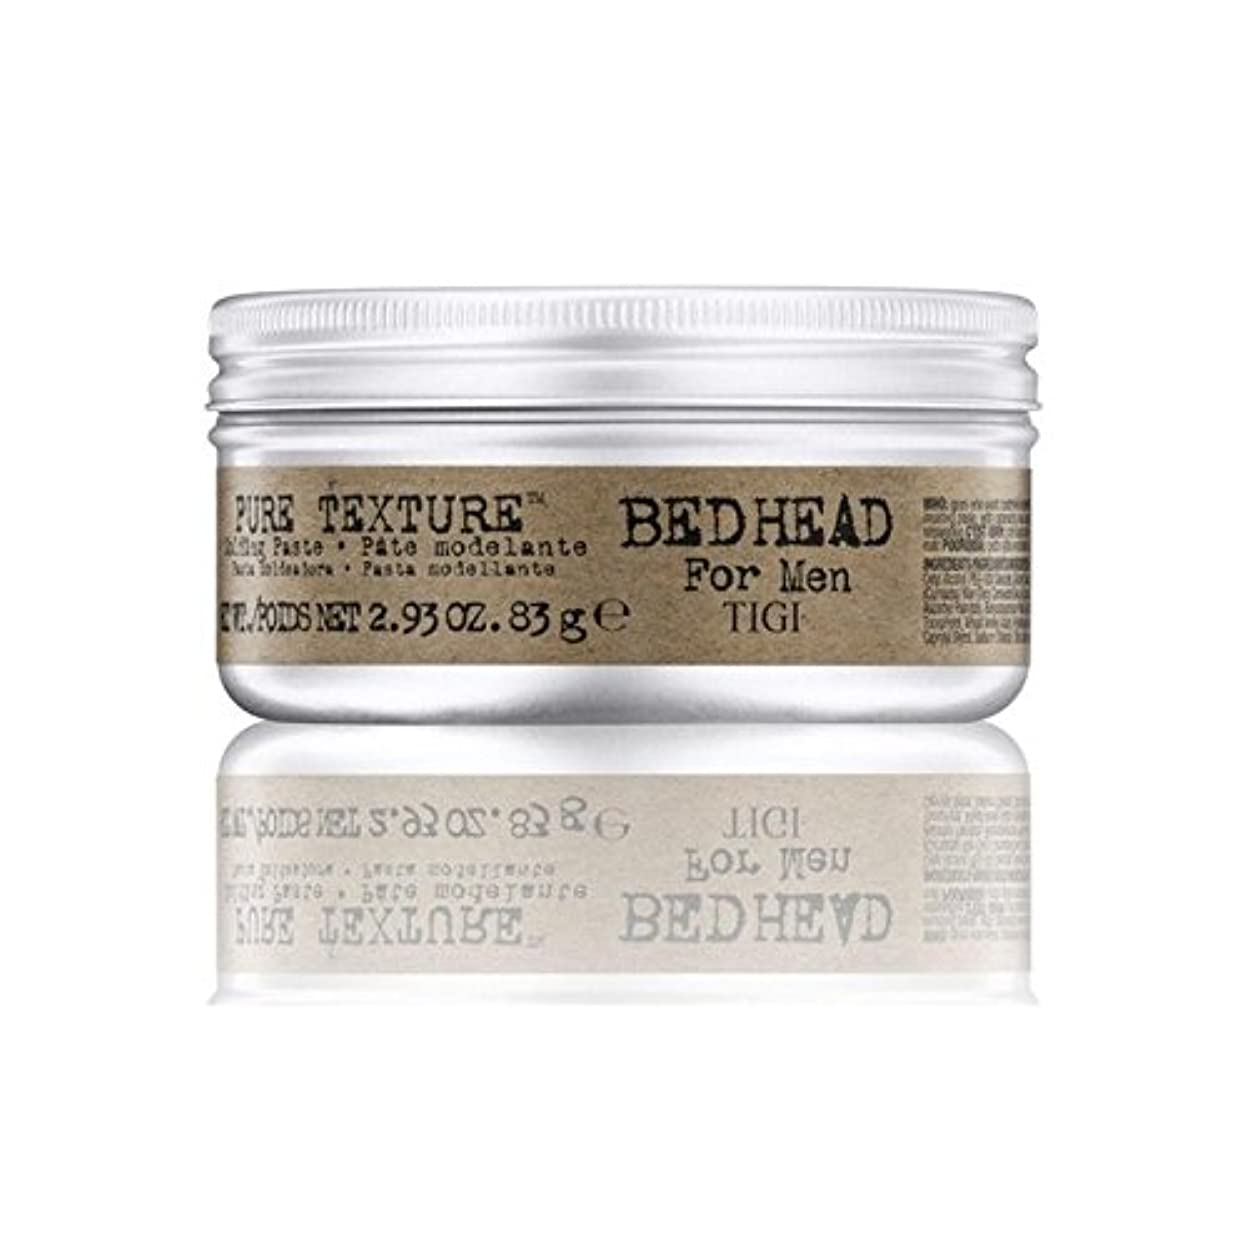 乱用去る主導権Tigi Bed Head For Men Pure Texture Molding Paste (83G) - 男性の純粋なテクスチャーモールディングペースト(83グラム)のためのティジーベッドヘッド [並行輸入品]